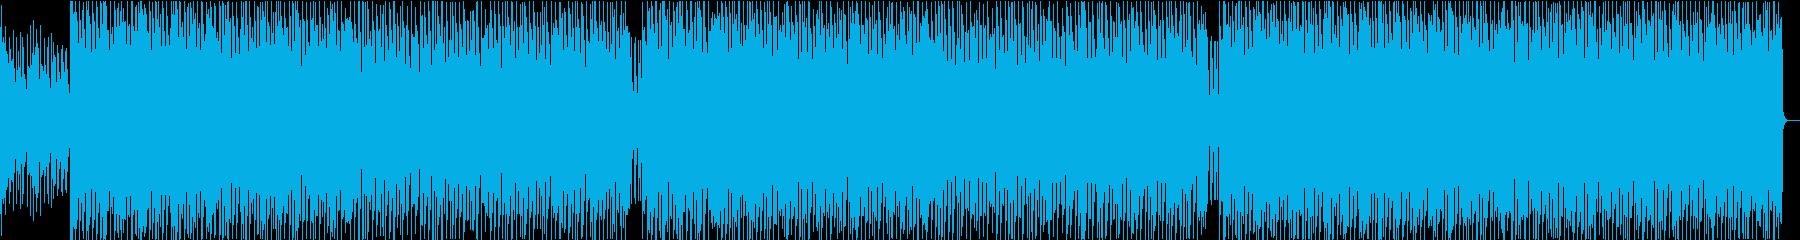 映像によく合うさわやかで前向きなBGMの再生済みの波形